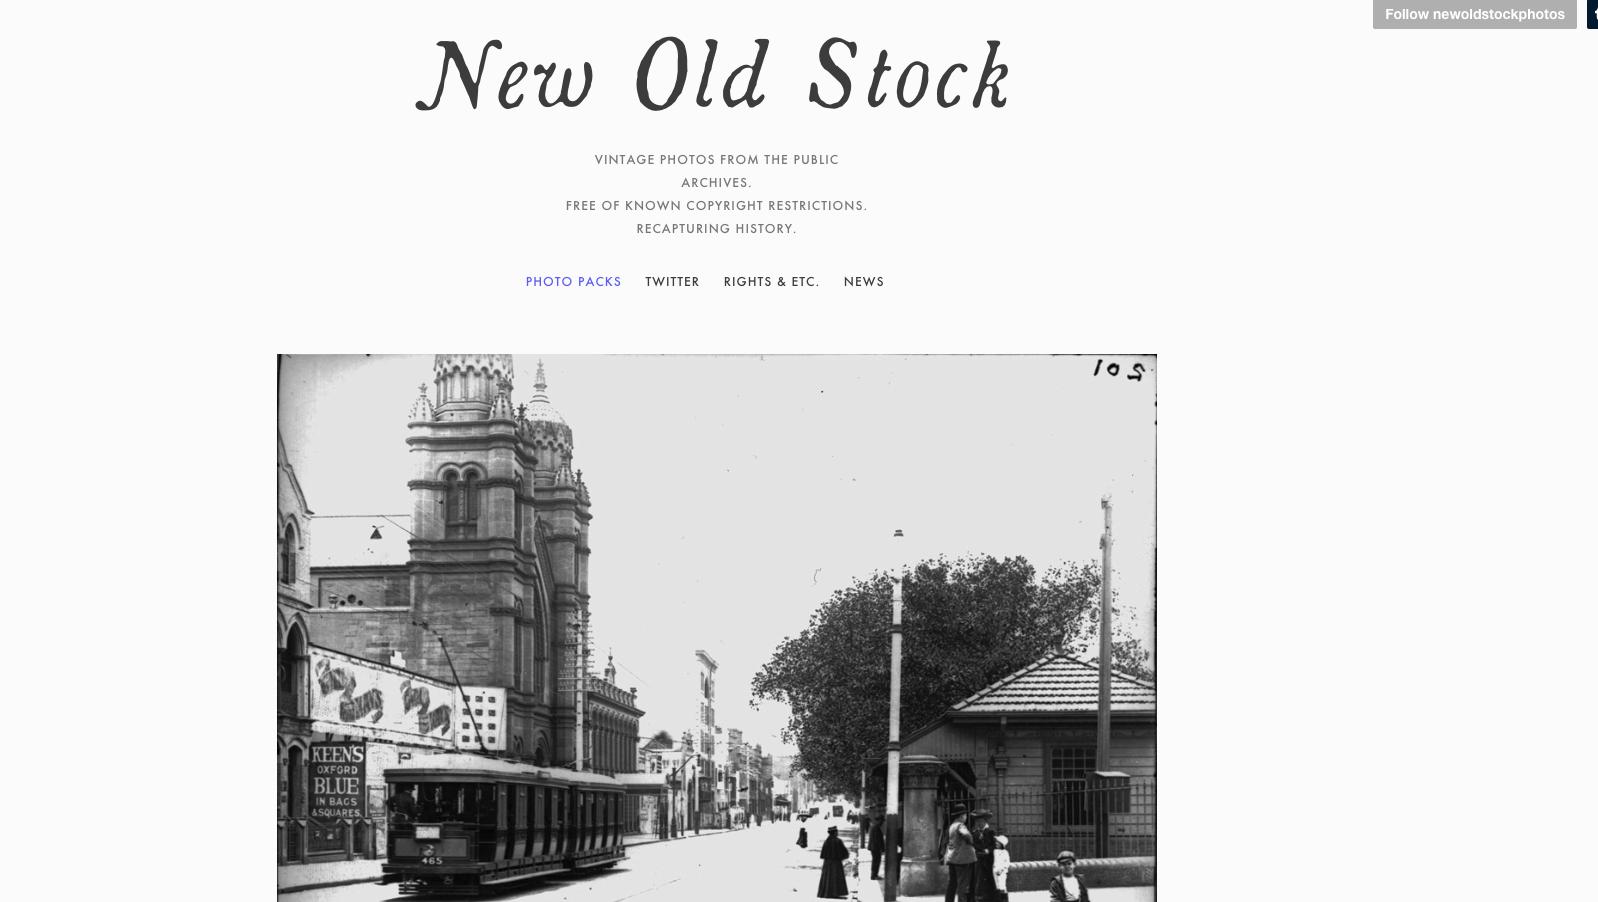 Bei New Old Stock stehen lizenzfreie Bilder zur Verfügung, die schon etwas älter sind